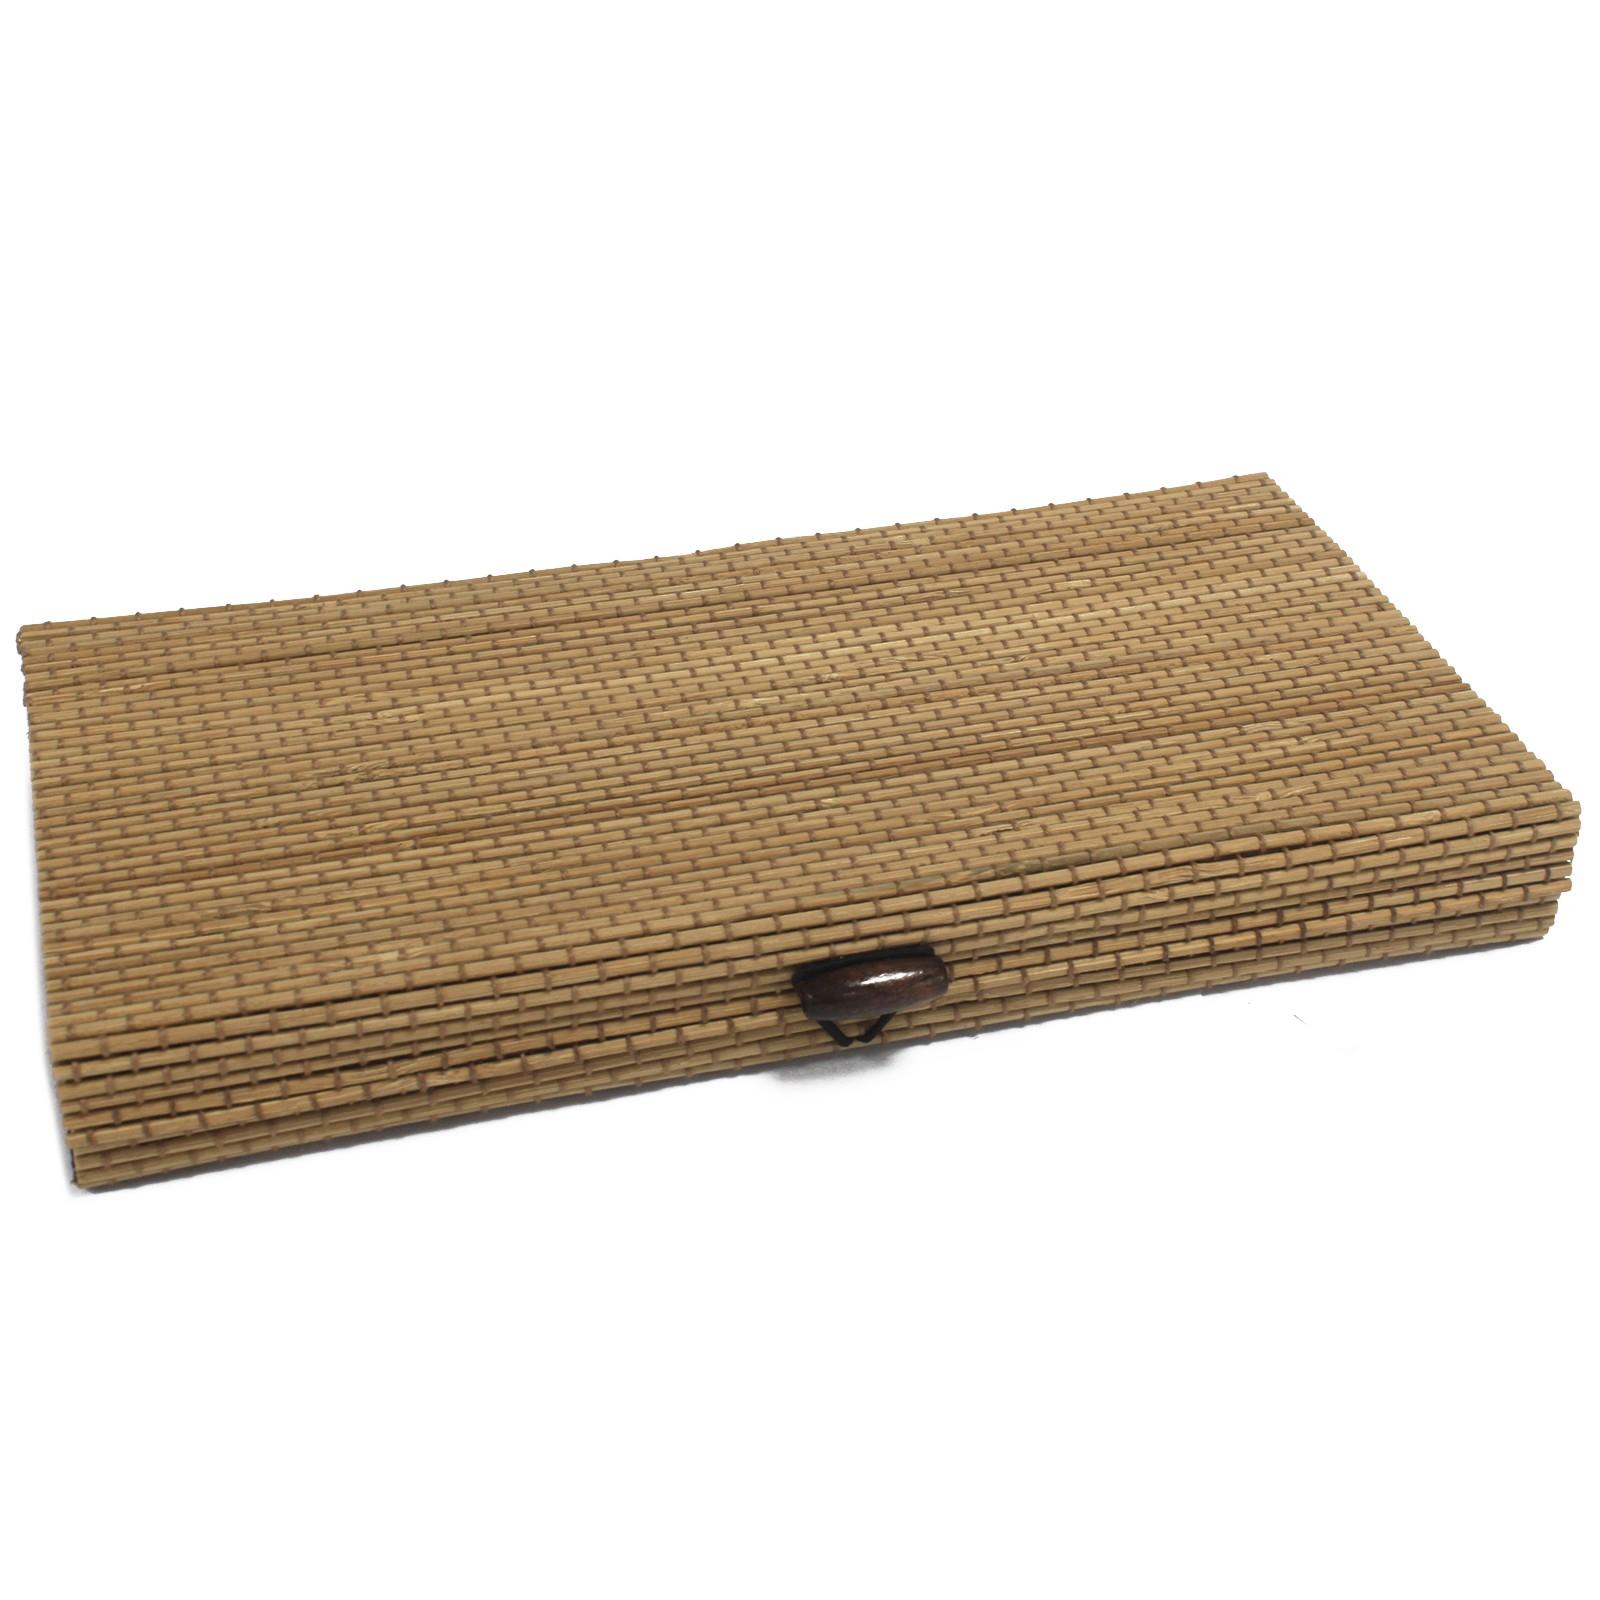 Bambus box flach/breit